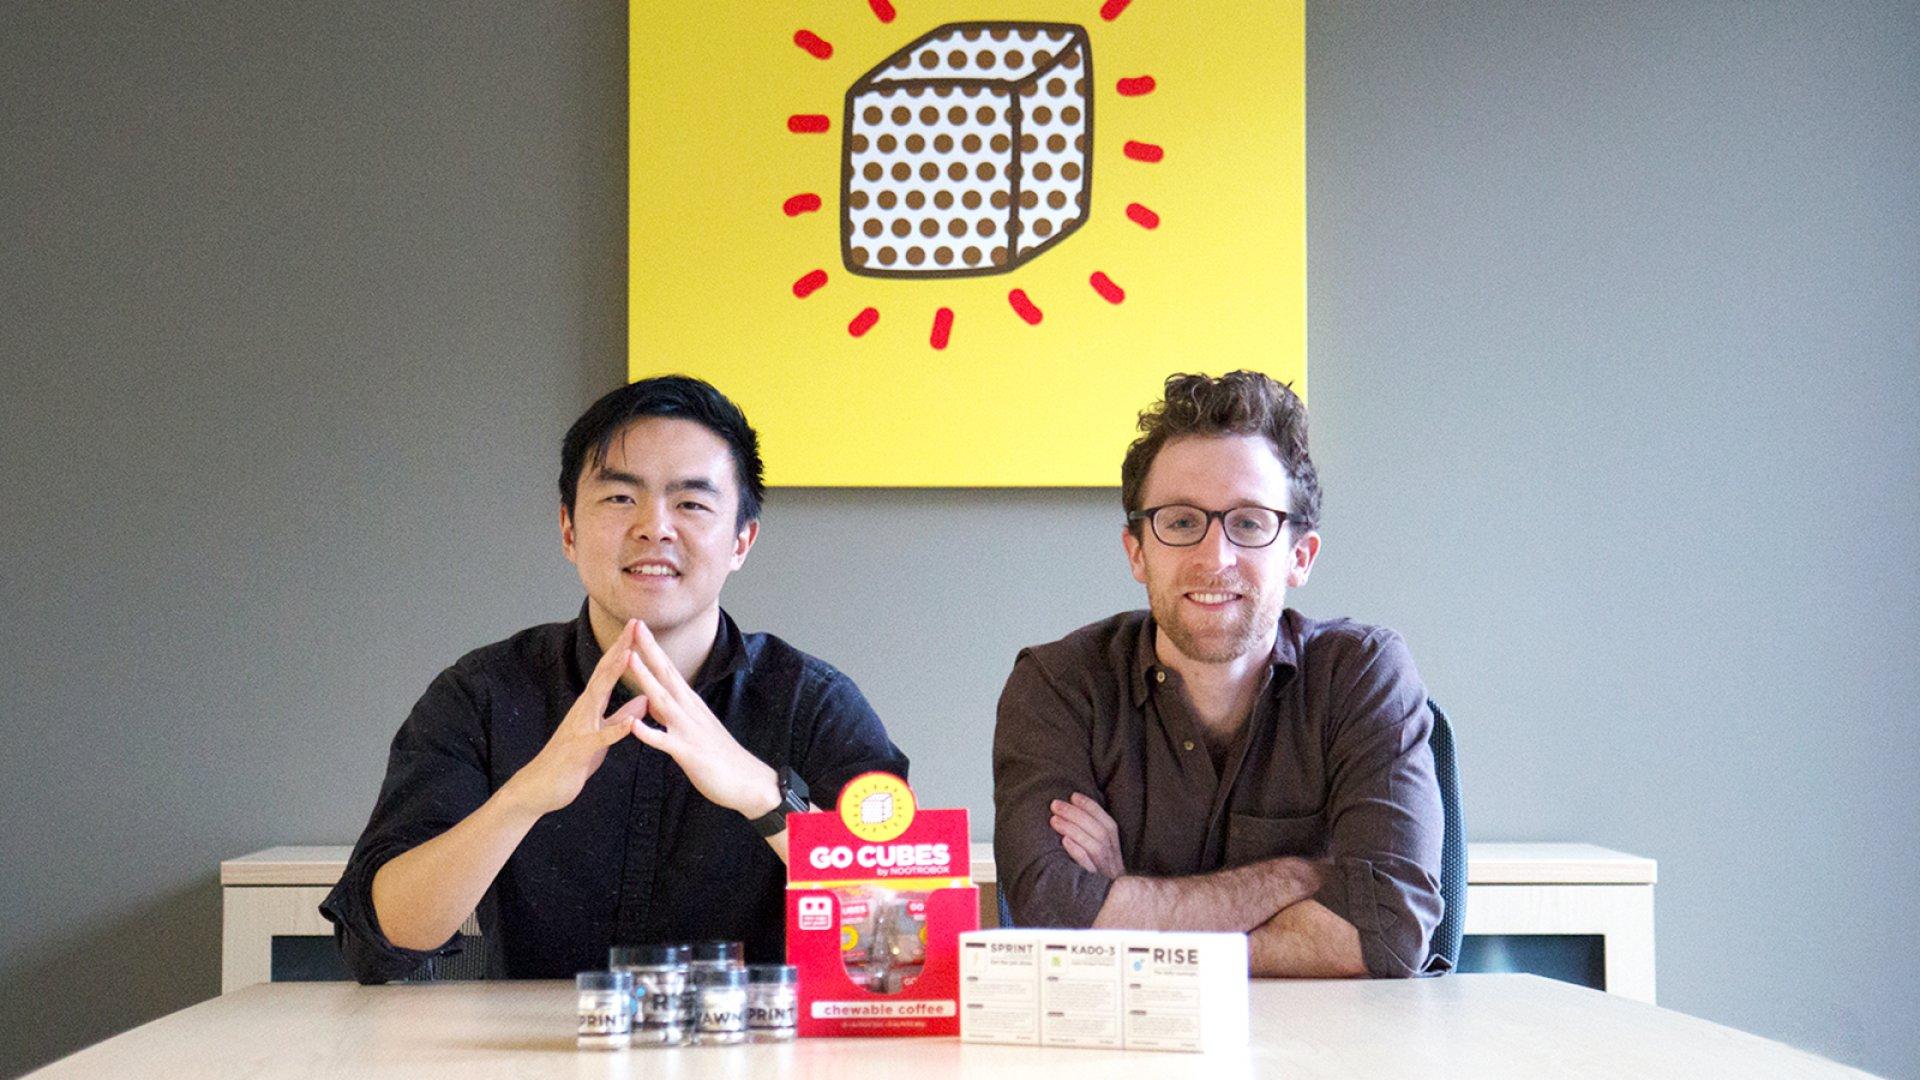 Nootrobox co-founders Geoff Woo and Michael Brandt.